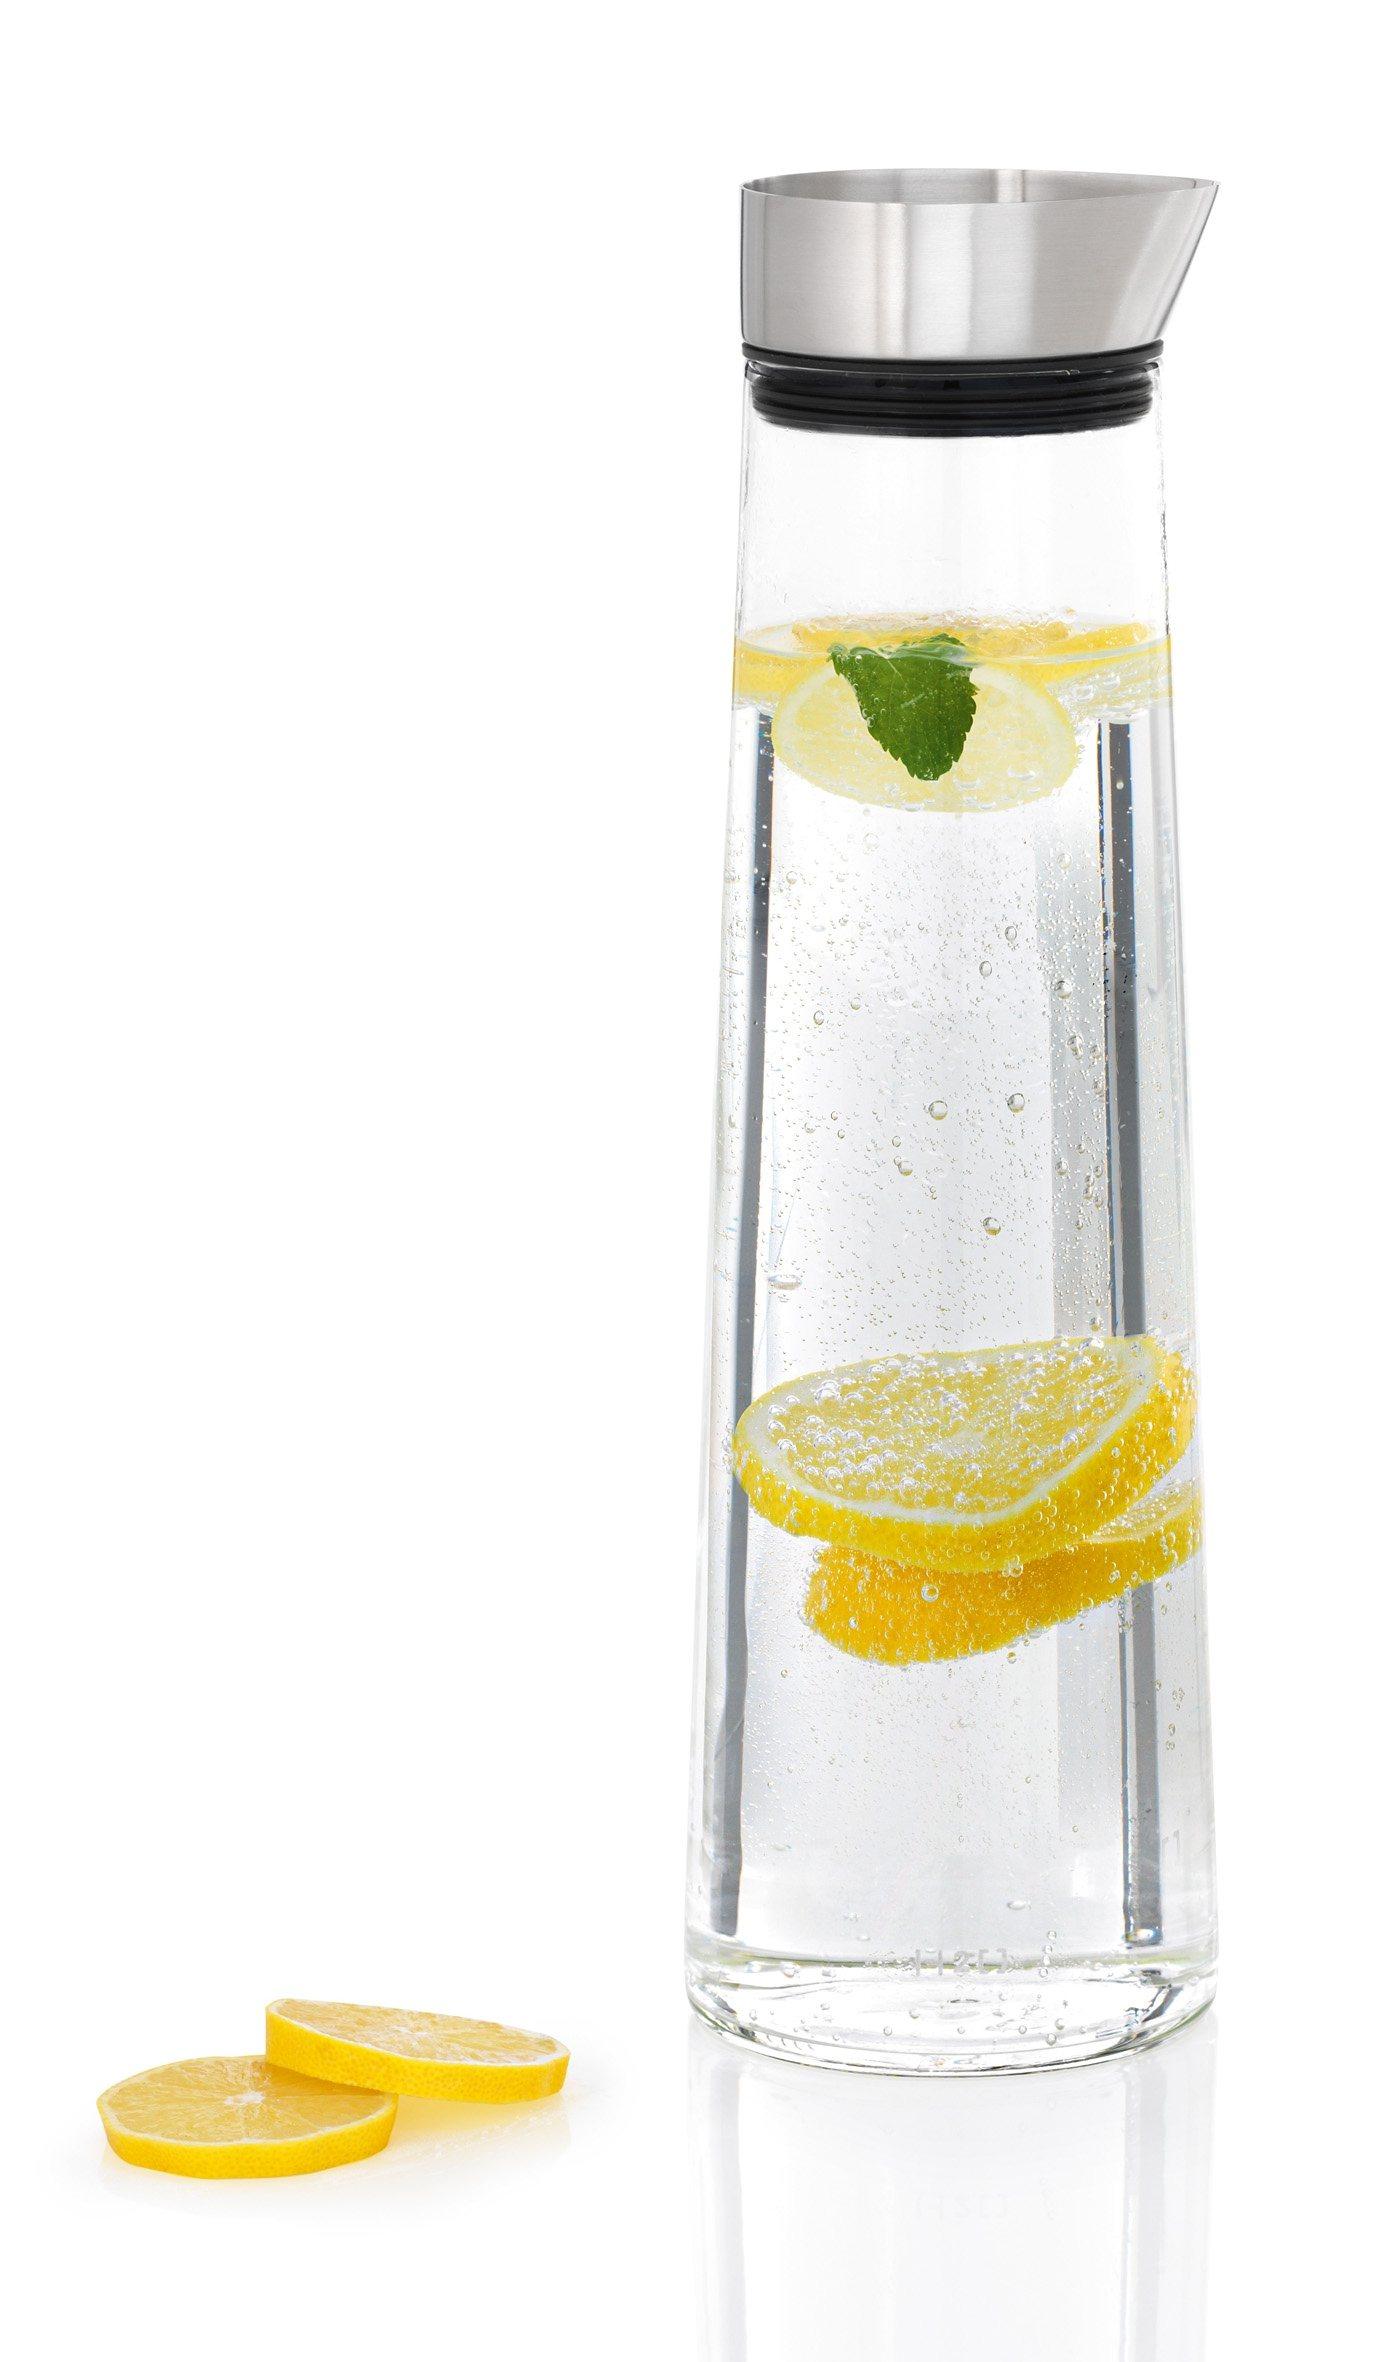 Blomus Wasserkaraffe, Edelstahl matt, 1,5 Liter, »ACQUA« | Küche und Esszimmer > Besteck und Geschirr > Karaffen | Edelstahl - Glas | BLOMUS